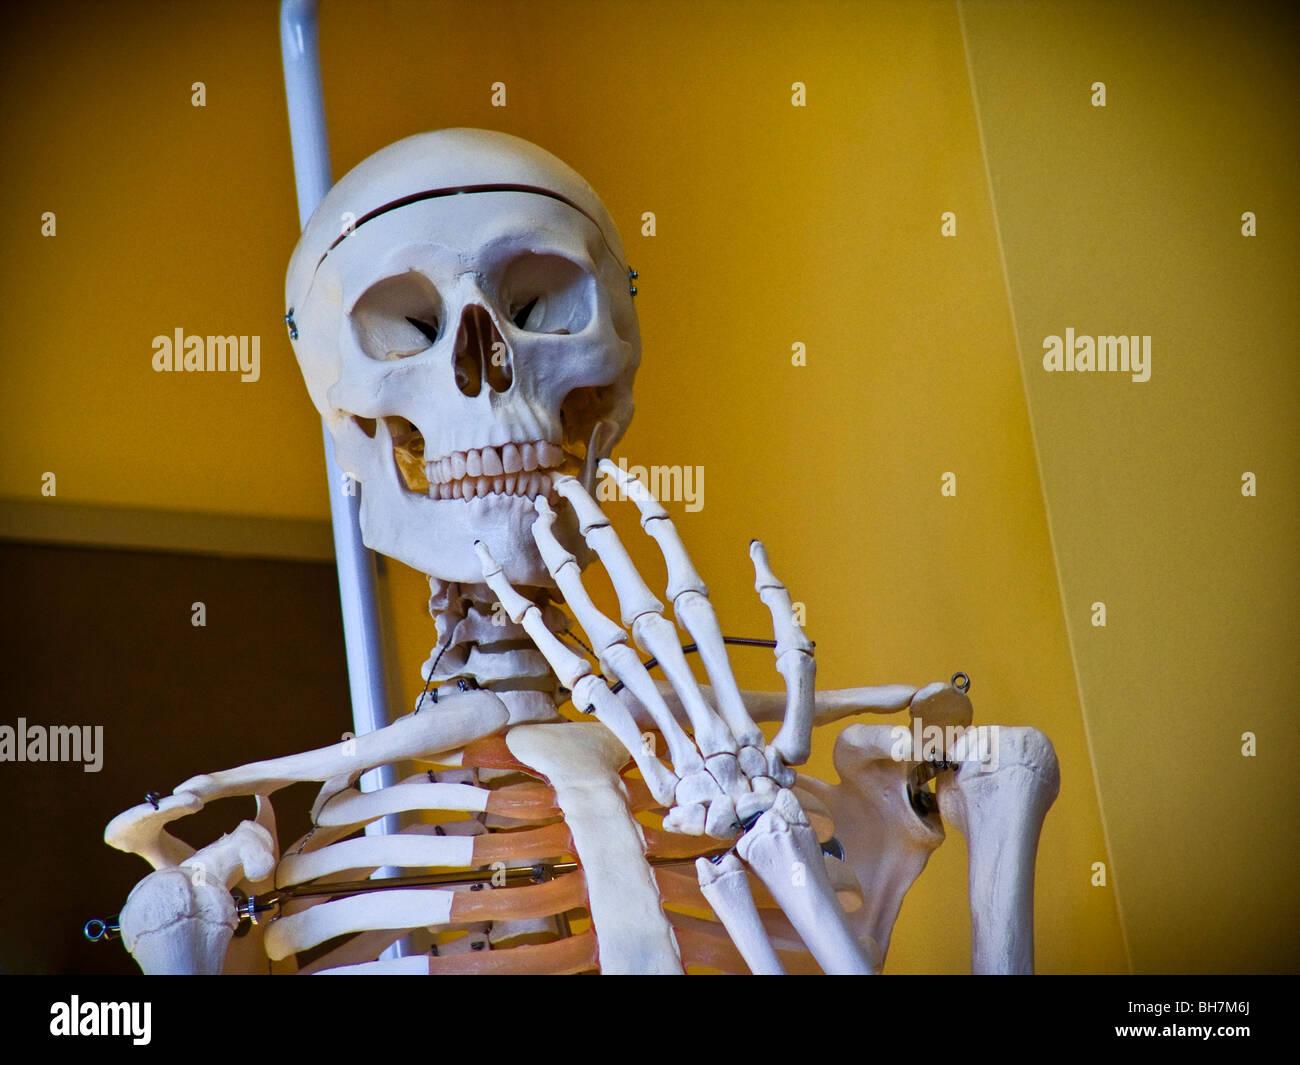 Menschliches Skelett in medizinischen Schule studieren Situation mit ...